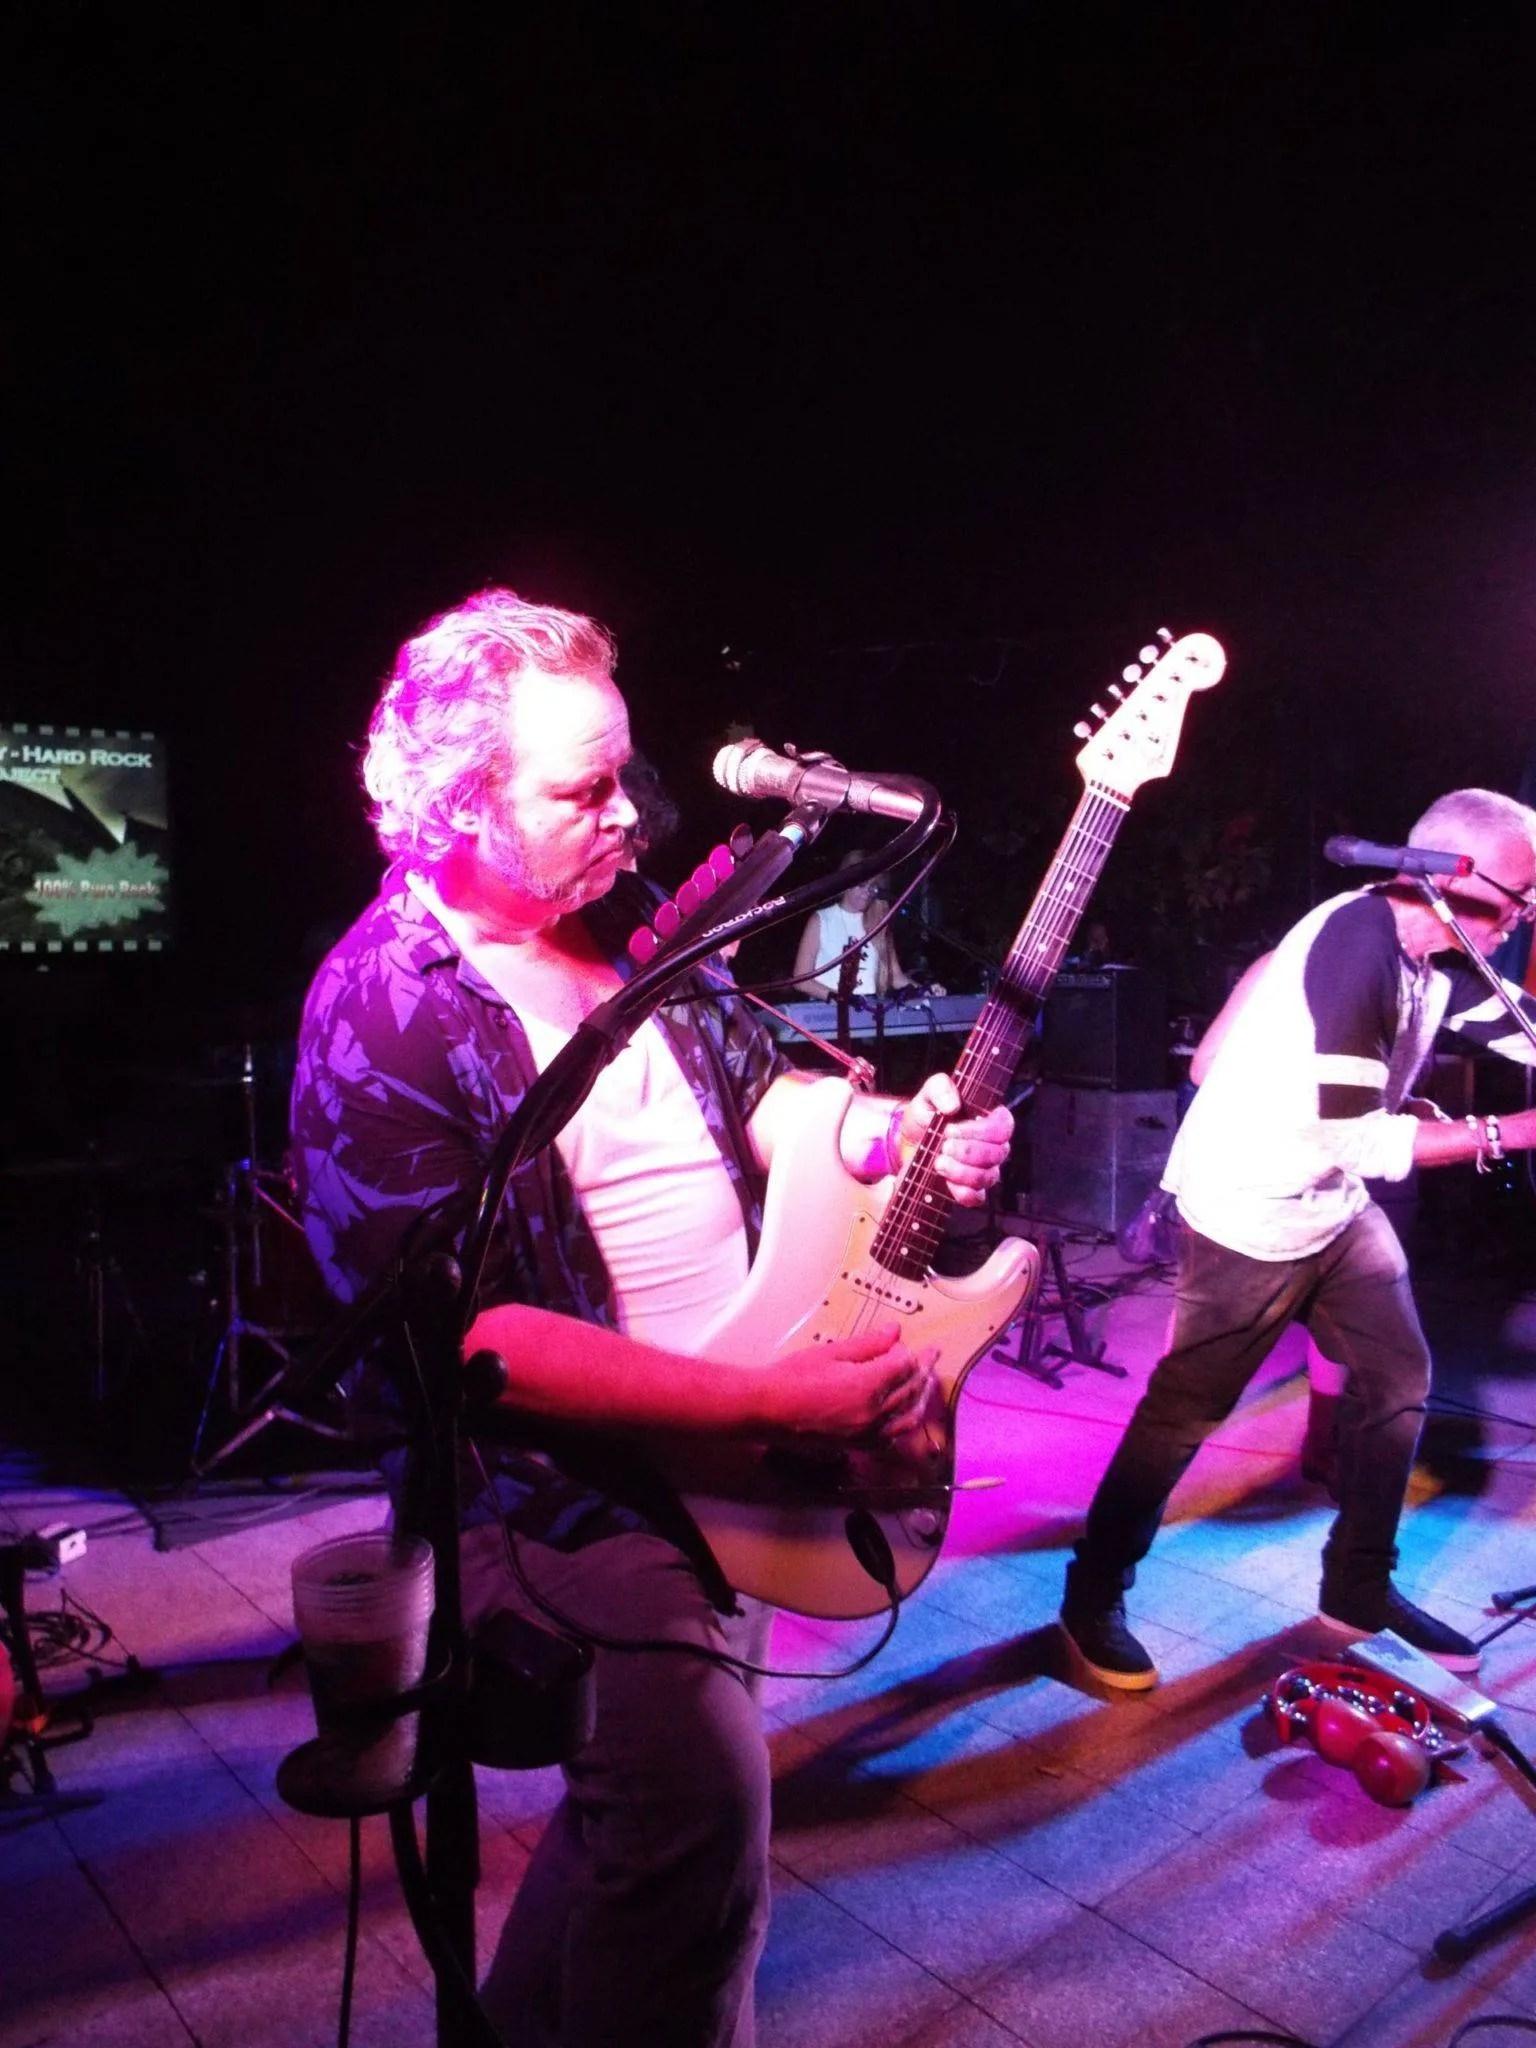 """Steinar Seland, guitarrista de Vieja Escuela: """"A Cuba llegué por primera vez en 1998, por la invitación de unas amigas noruegas que tenían negocios aquí. Estuve haciendo algunos viajes durante algún tiempo y en el 2008 vine a vivir a Cuba de forma definitiva. Aquí comencé a tocar con Sociedad Habana Blues y en el 2012 me convertí en uno de los miembros fundadores de Vieja Escuela""""."""